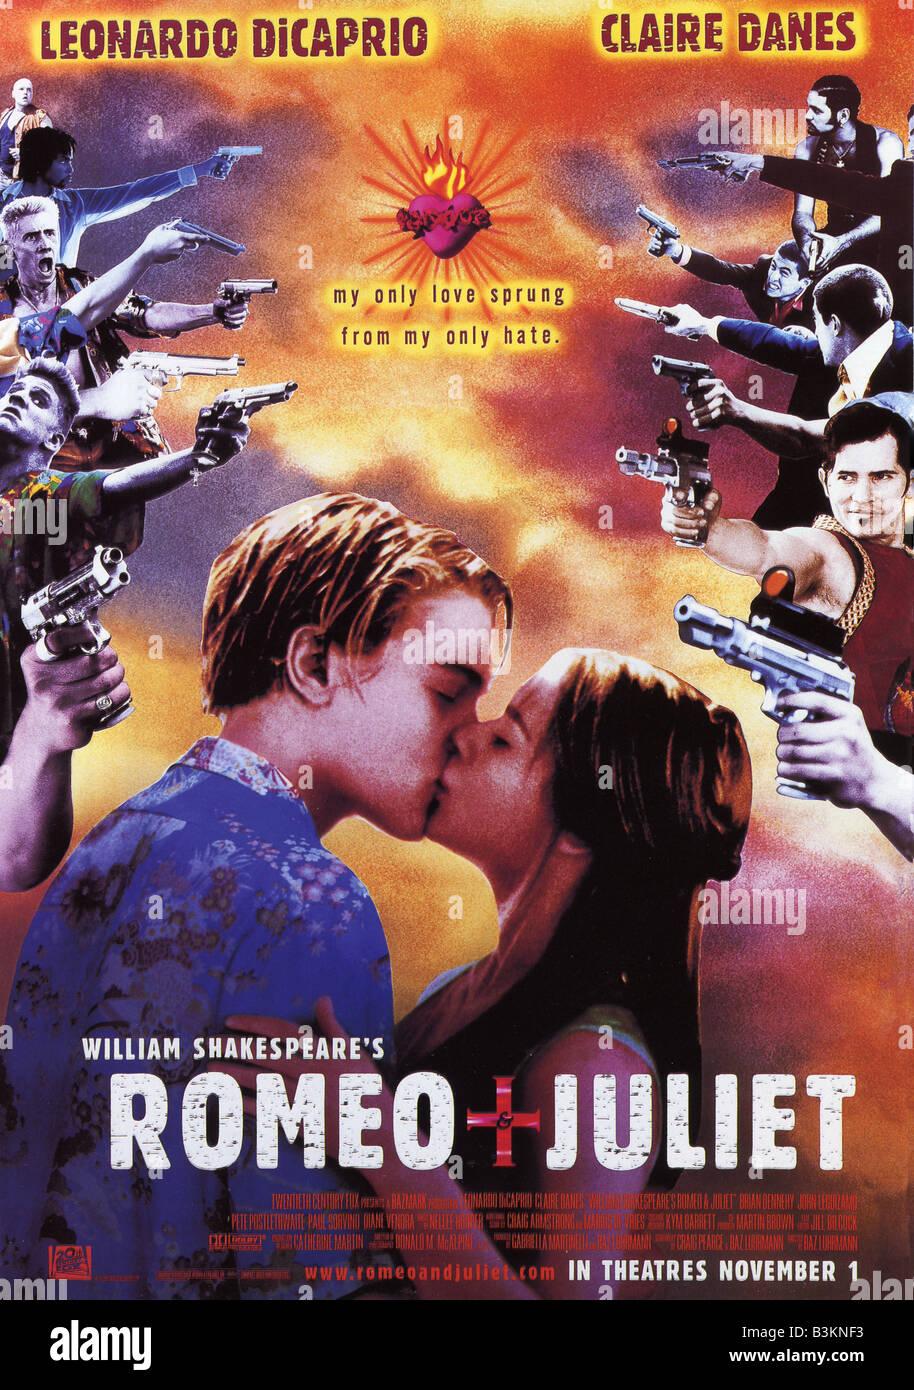 WILLIAM SHAKESPEARE ROMEO E GIULIETTA di poster per 1996 TCF/Bazmark film con Leonardo DiCaprio e Claire Danes Immagini Stock